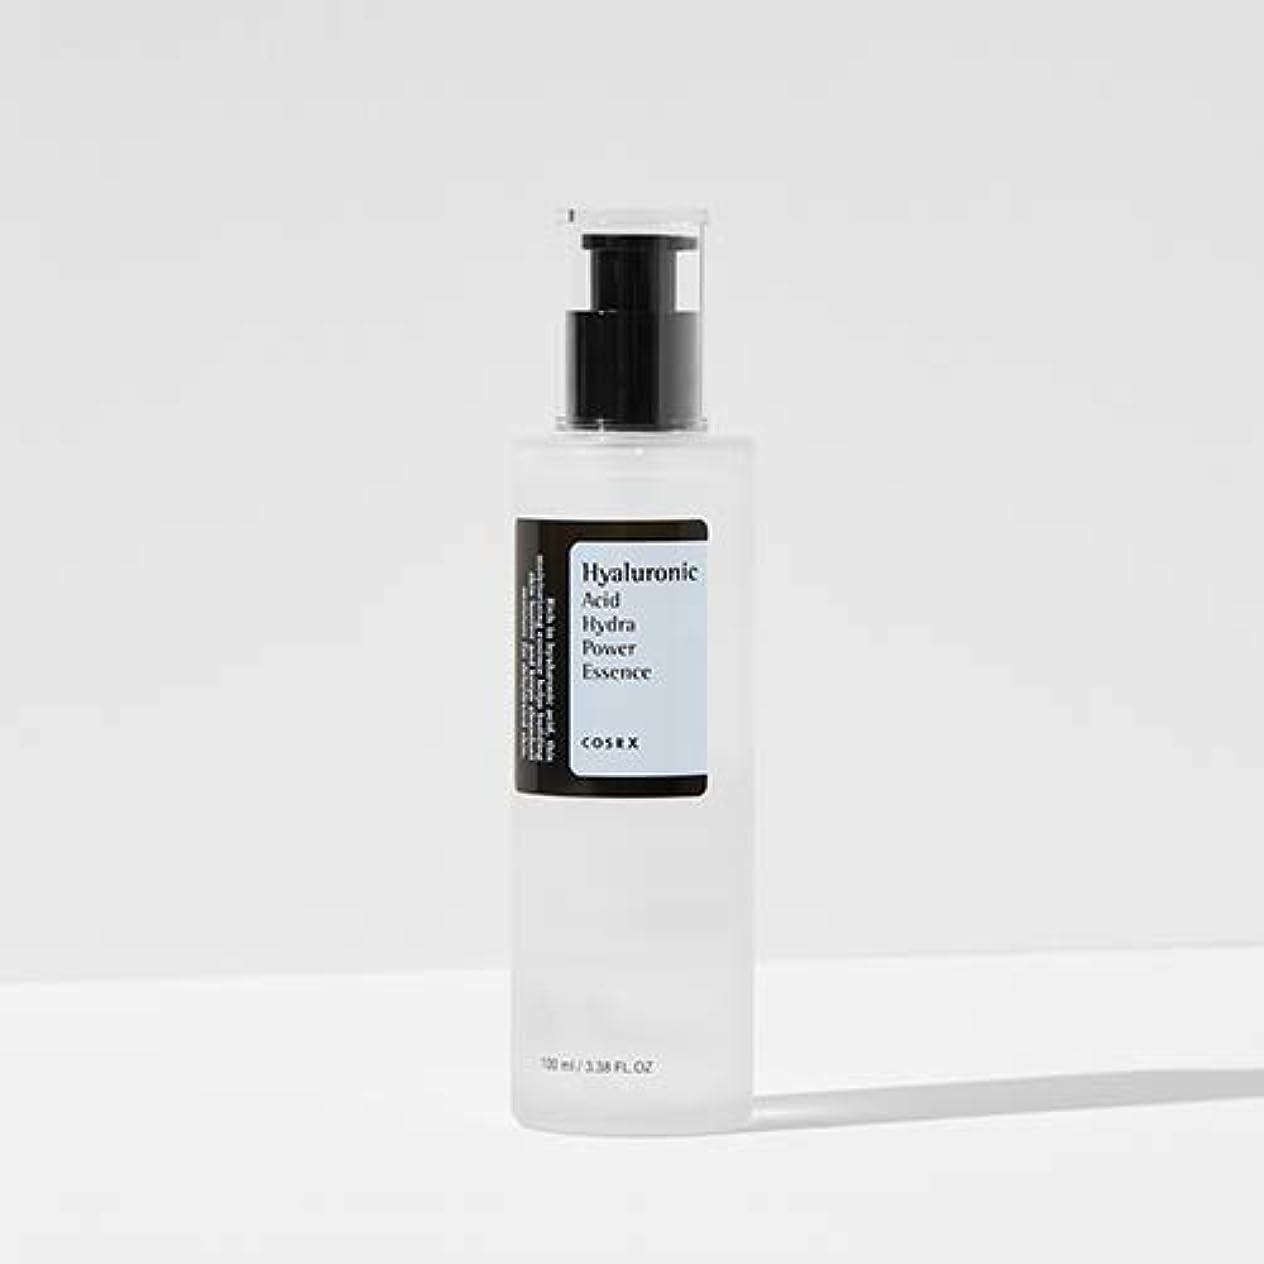 。アジア人クスクスCOSRX Hyaluronic Acid Hydra Power Essence 100ml/Korea Cosmetics